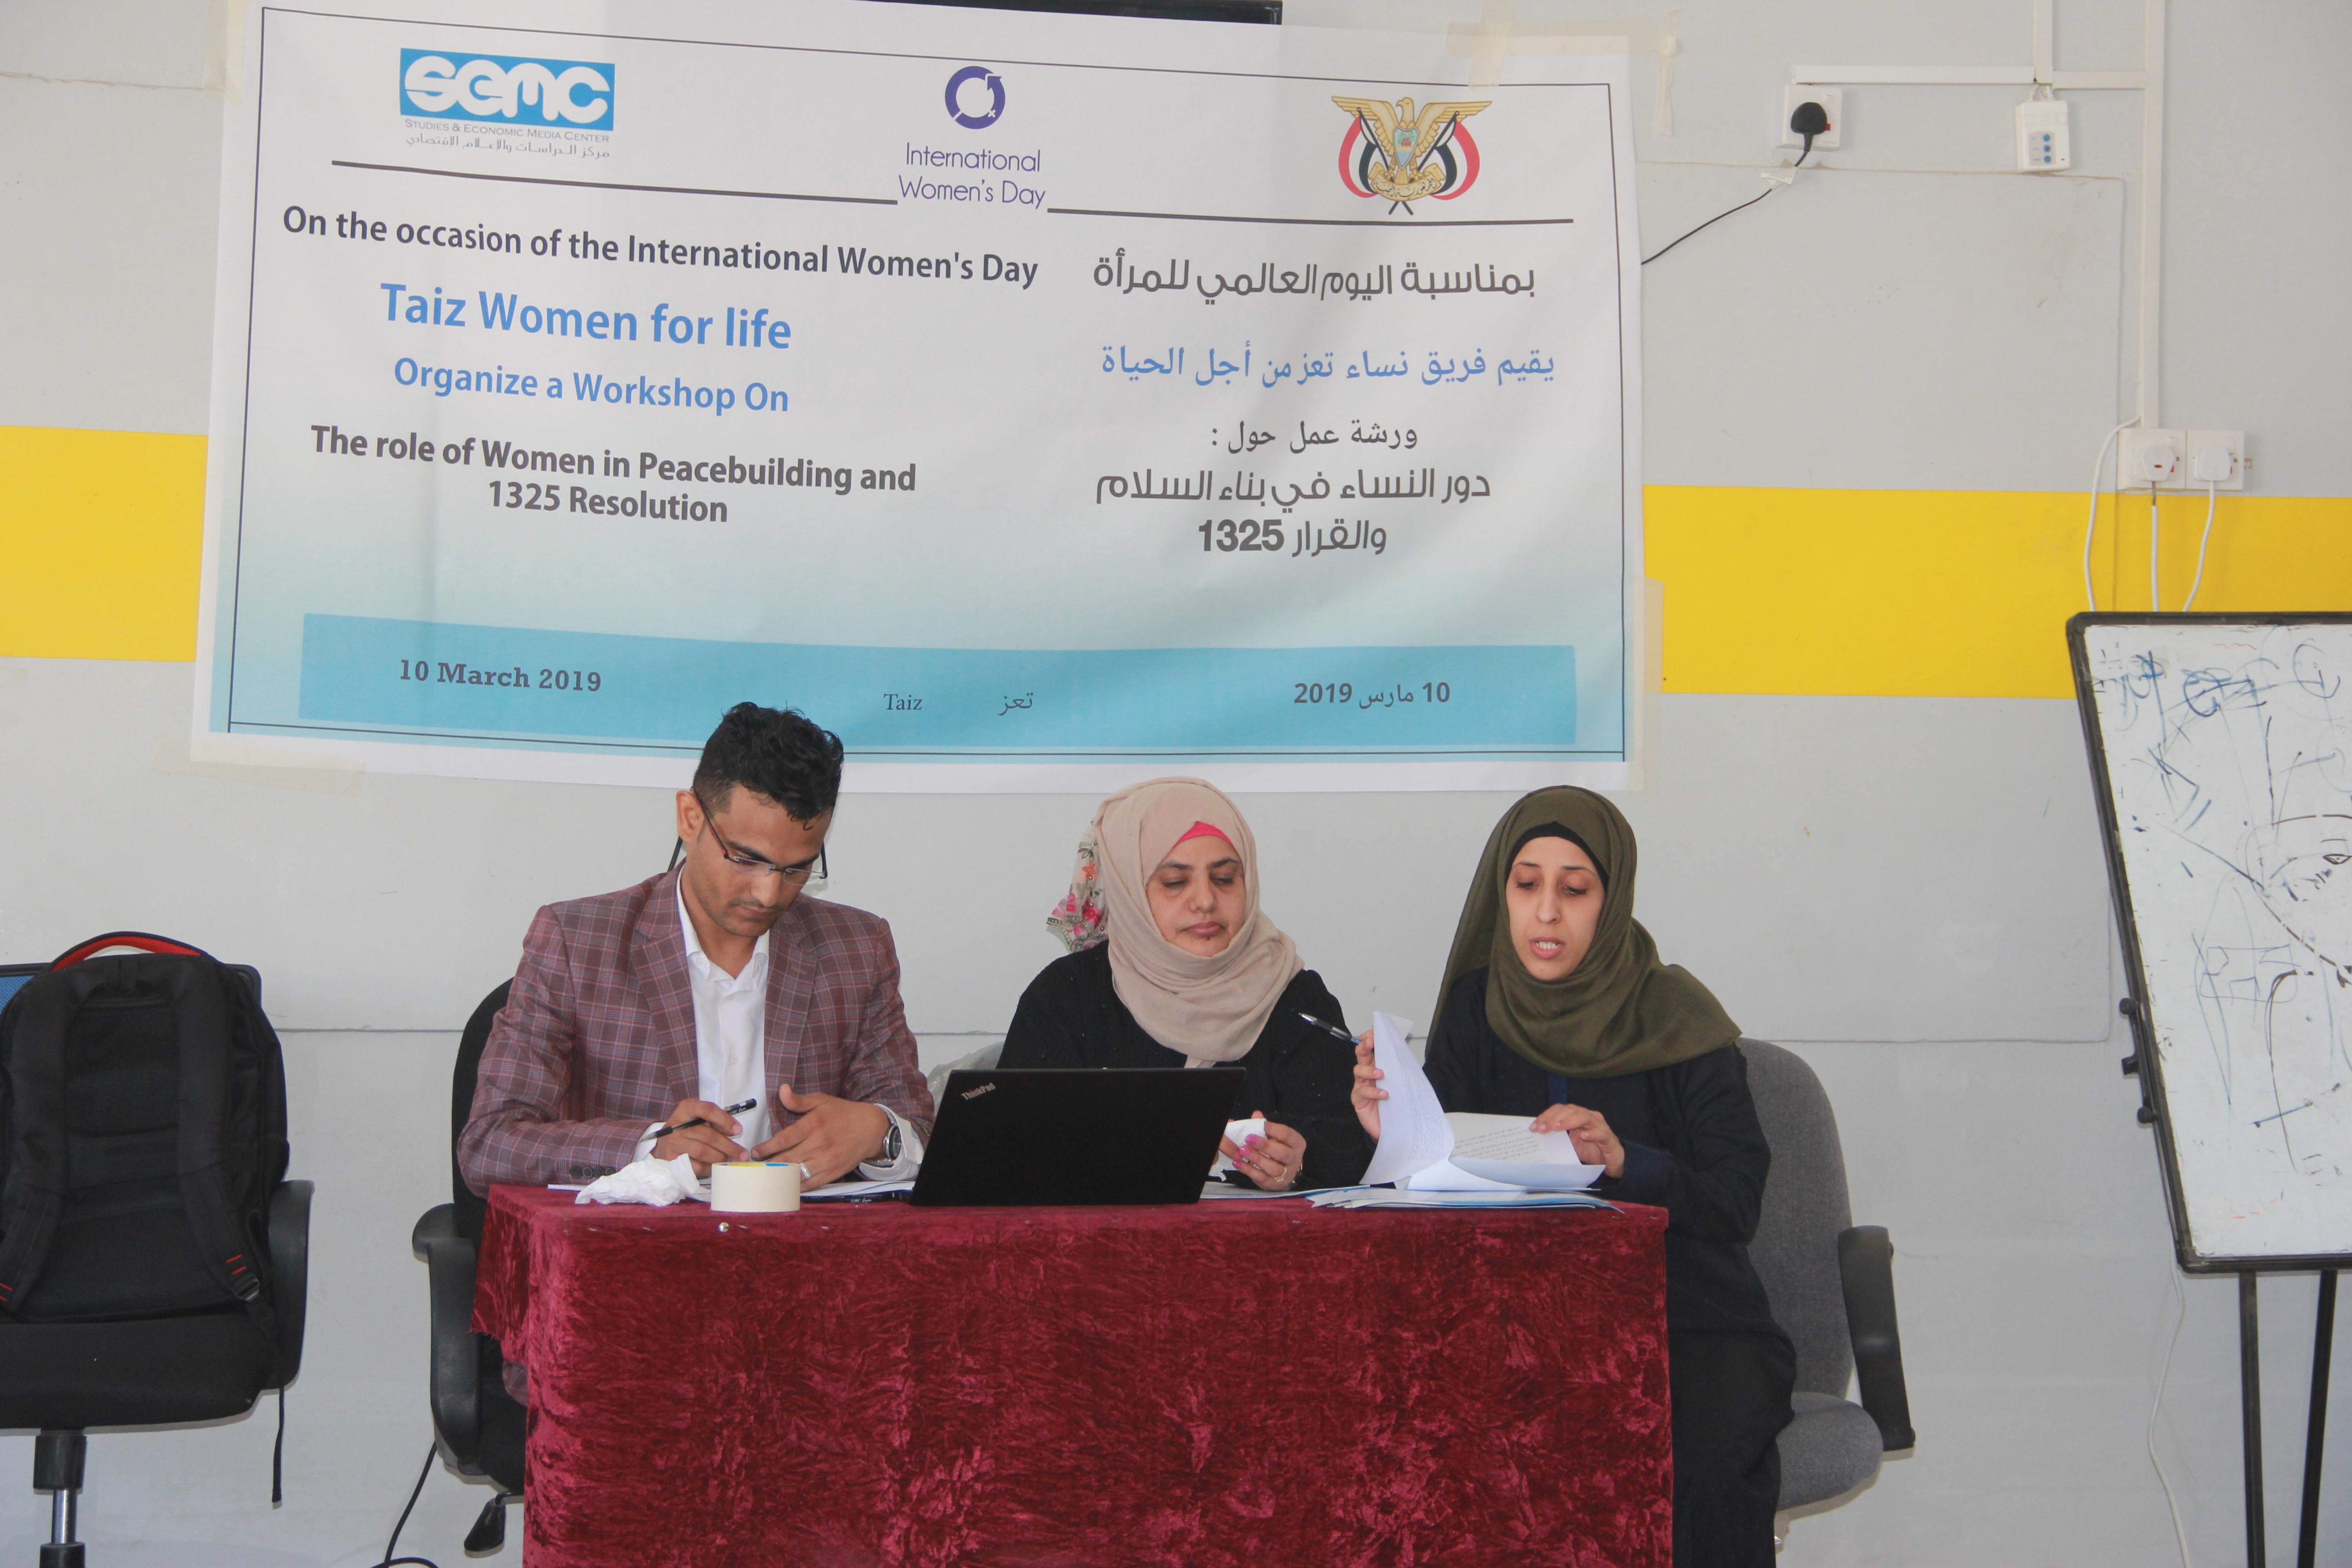 بمناسبة اليوم العالمي للمرأة … نساء تعز يناقشن دور المرأة في بناء السلام